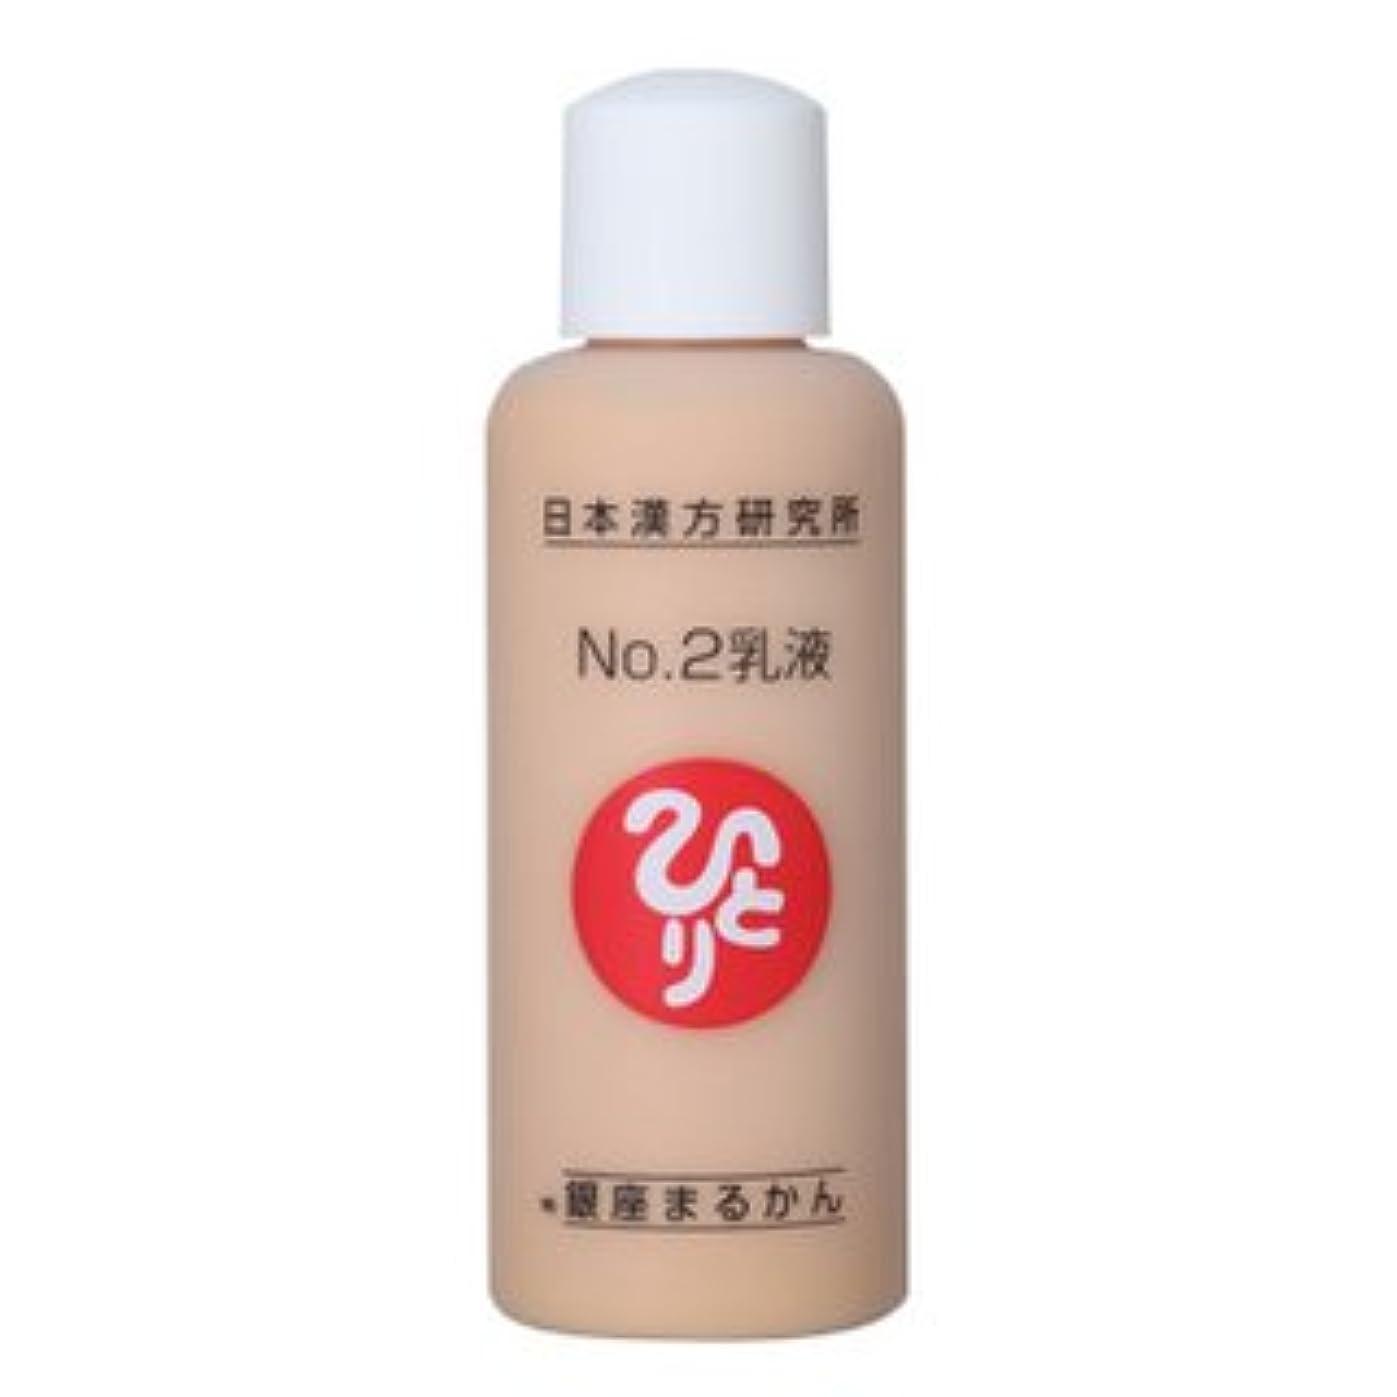 家スカープメンタル銀座まるかん No.2乳液